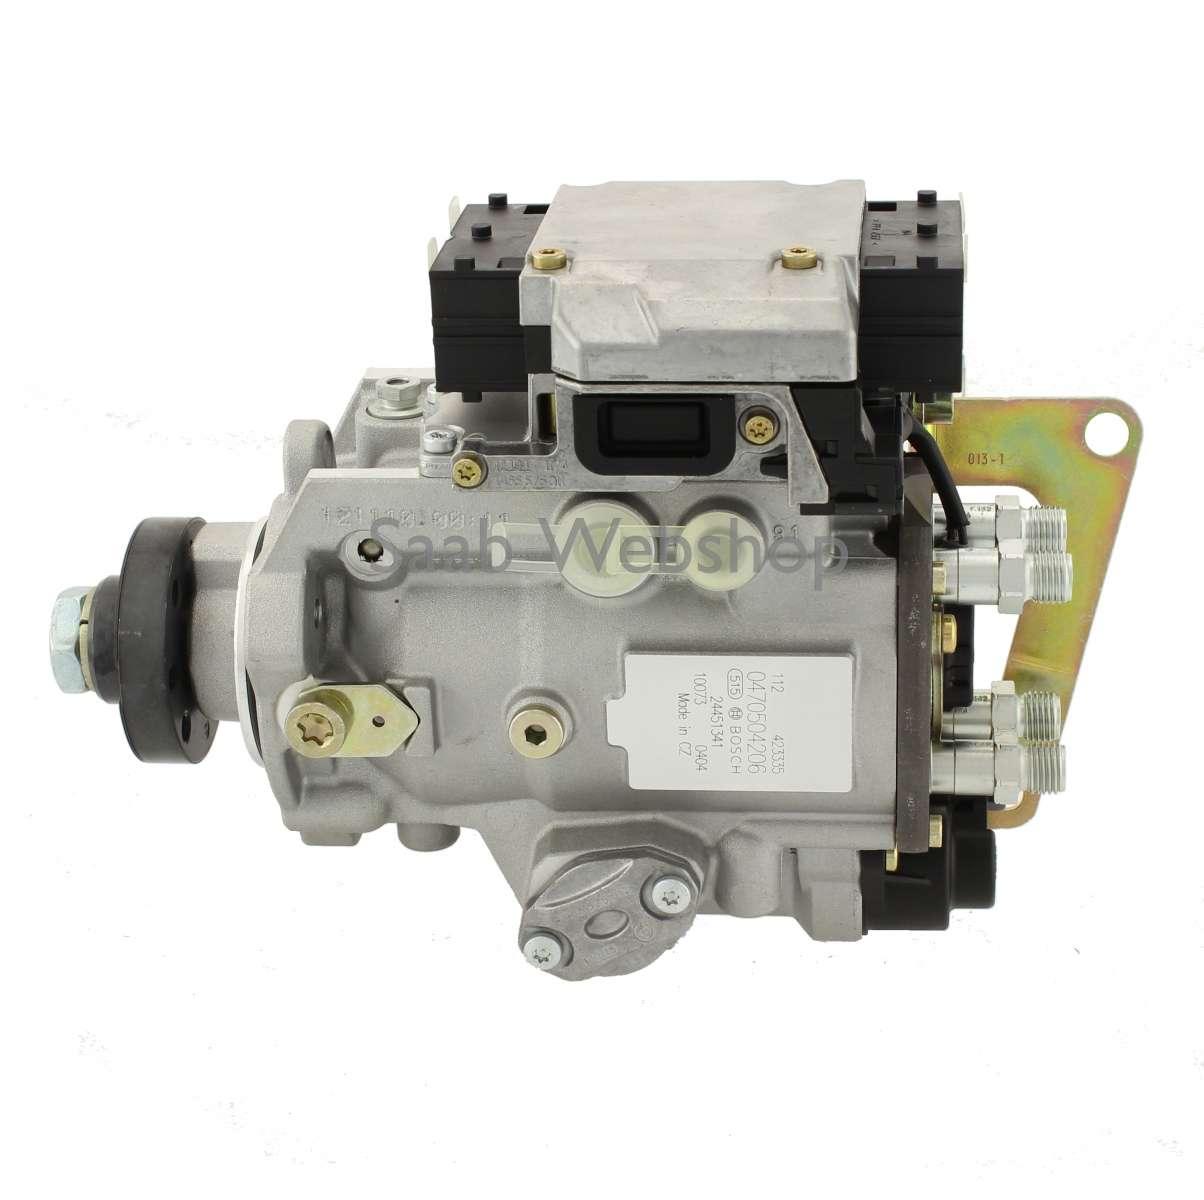 pompe injection diesel saab 9 3 et 9 5 2 2 tid 125 cv echange standard pompe injection diesel. Black Bedroom Furniture Sets. Home Design Ideas